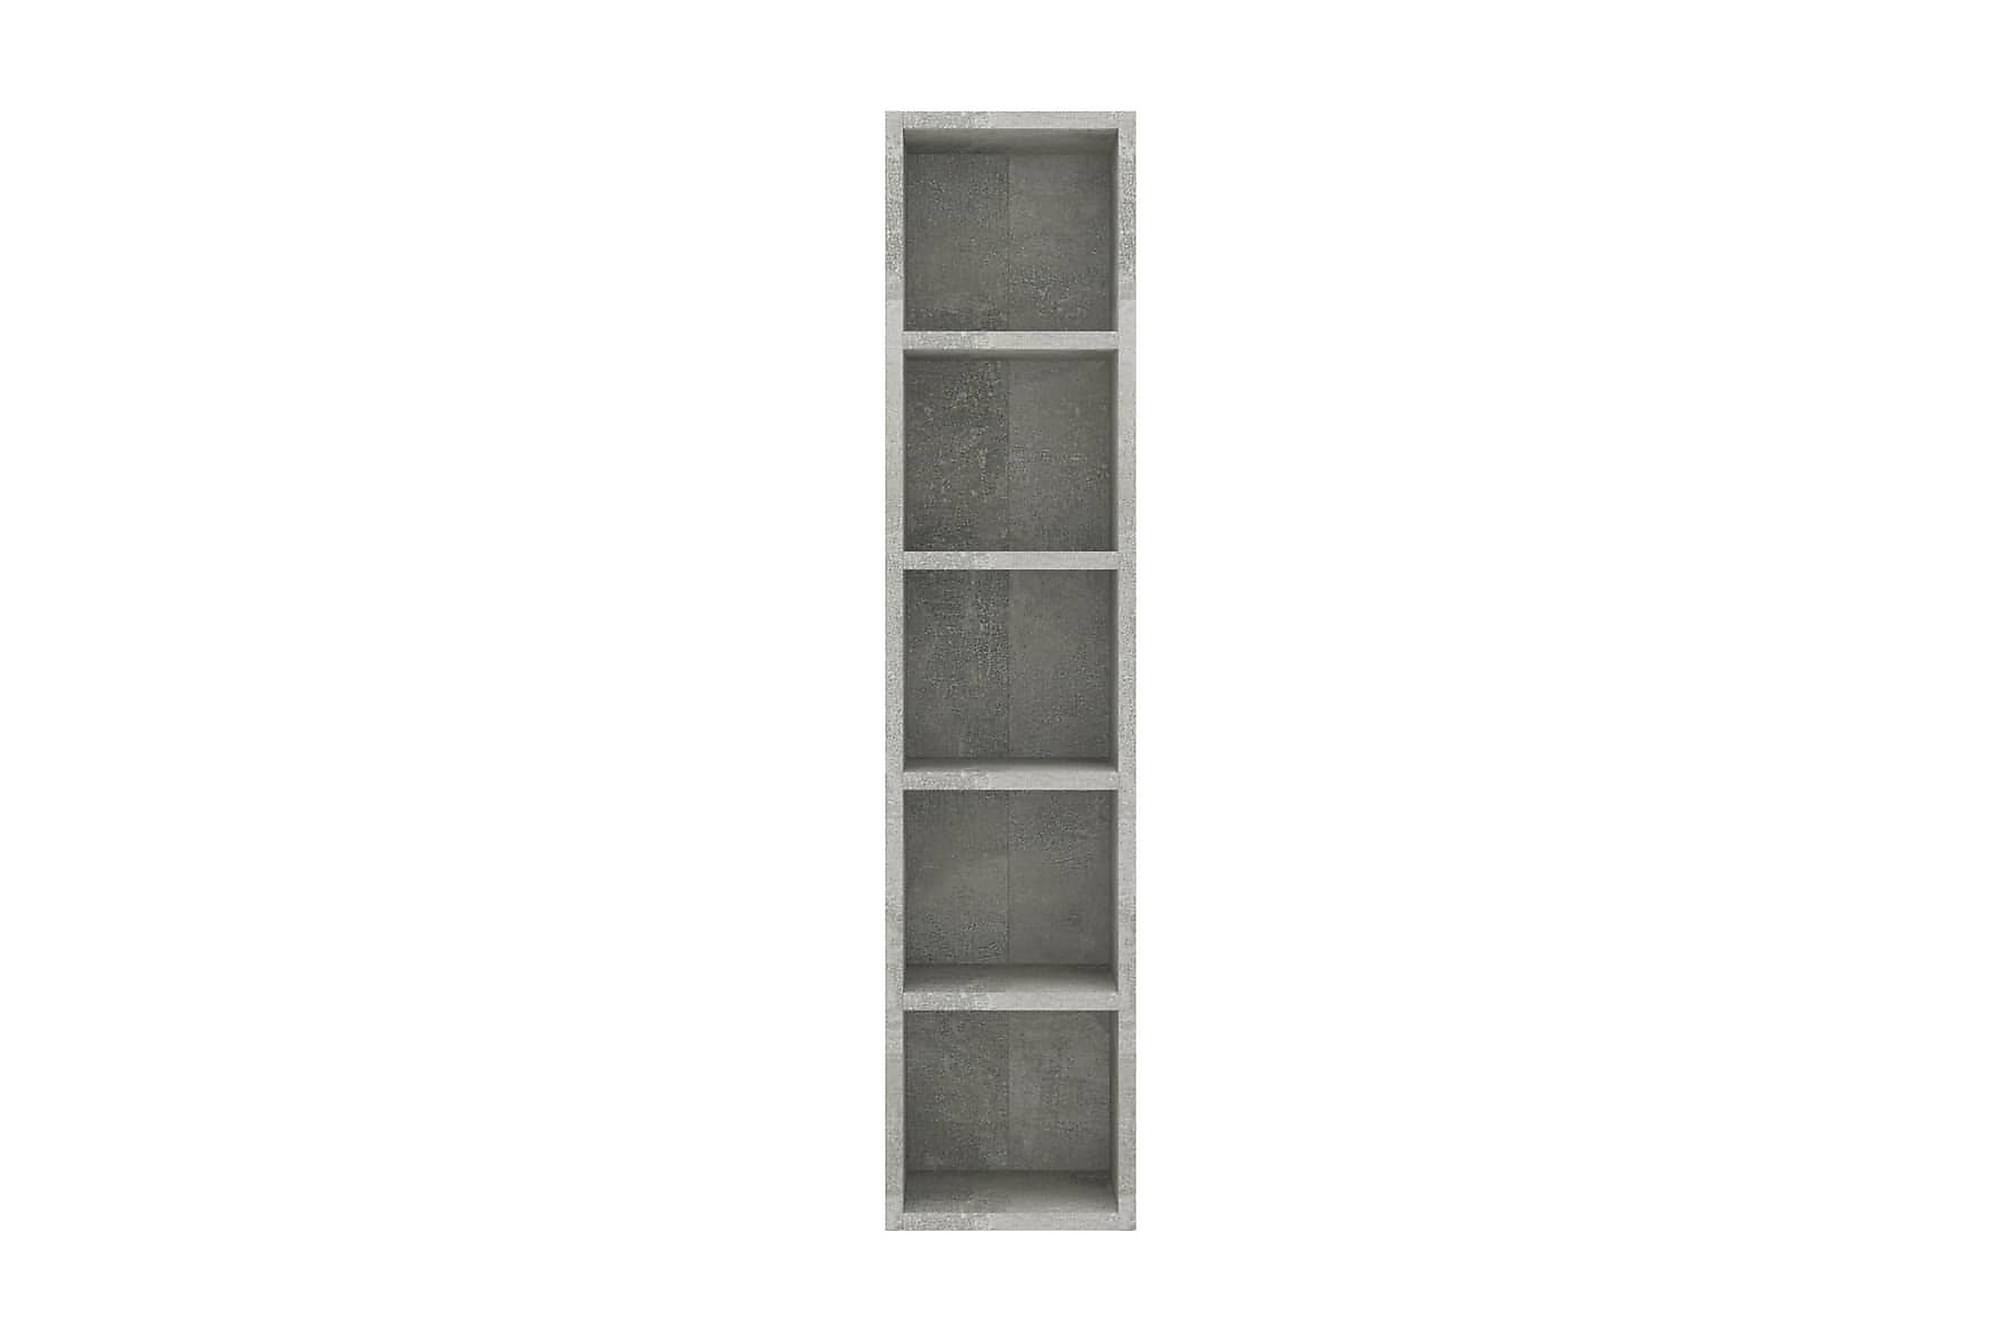 CD-hylla betonggrå 21x16x93,5 cm spånskiva, Mediamöbler